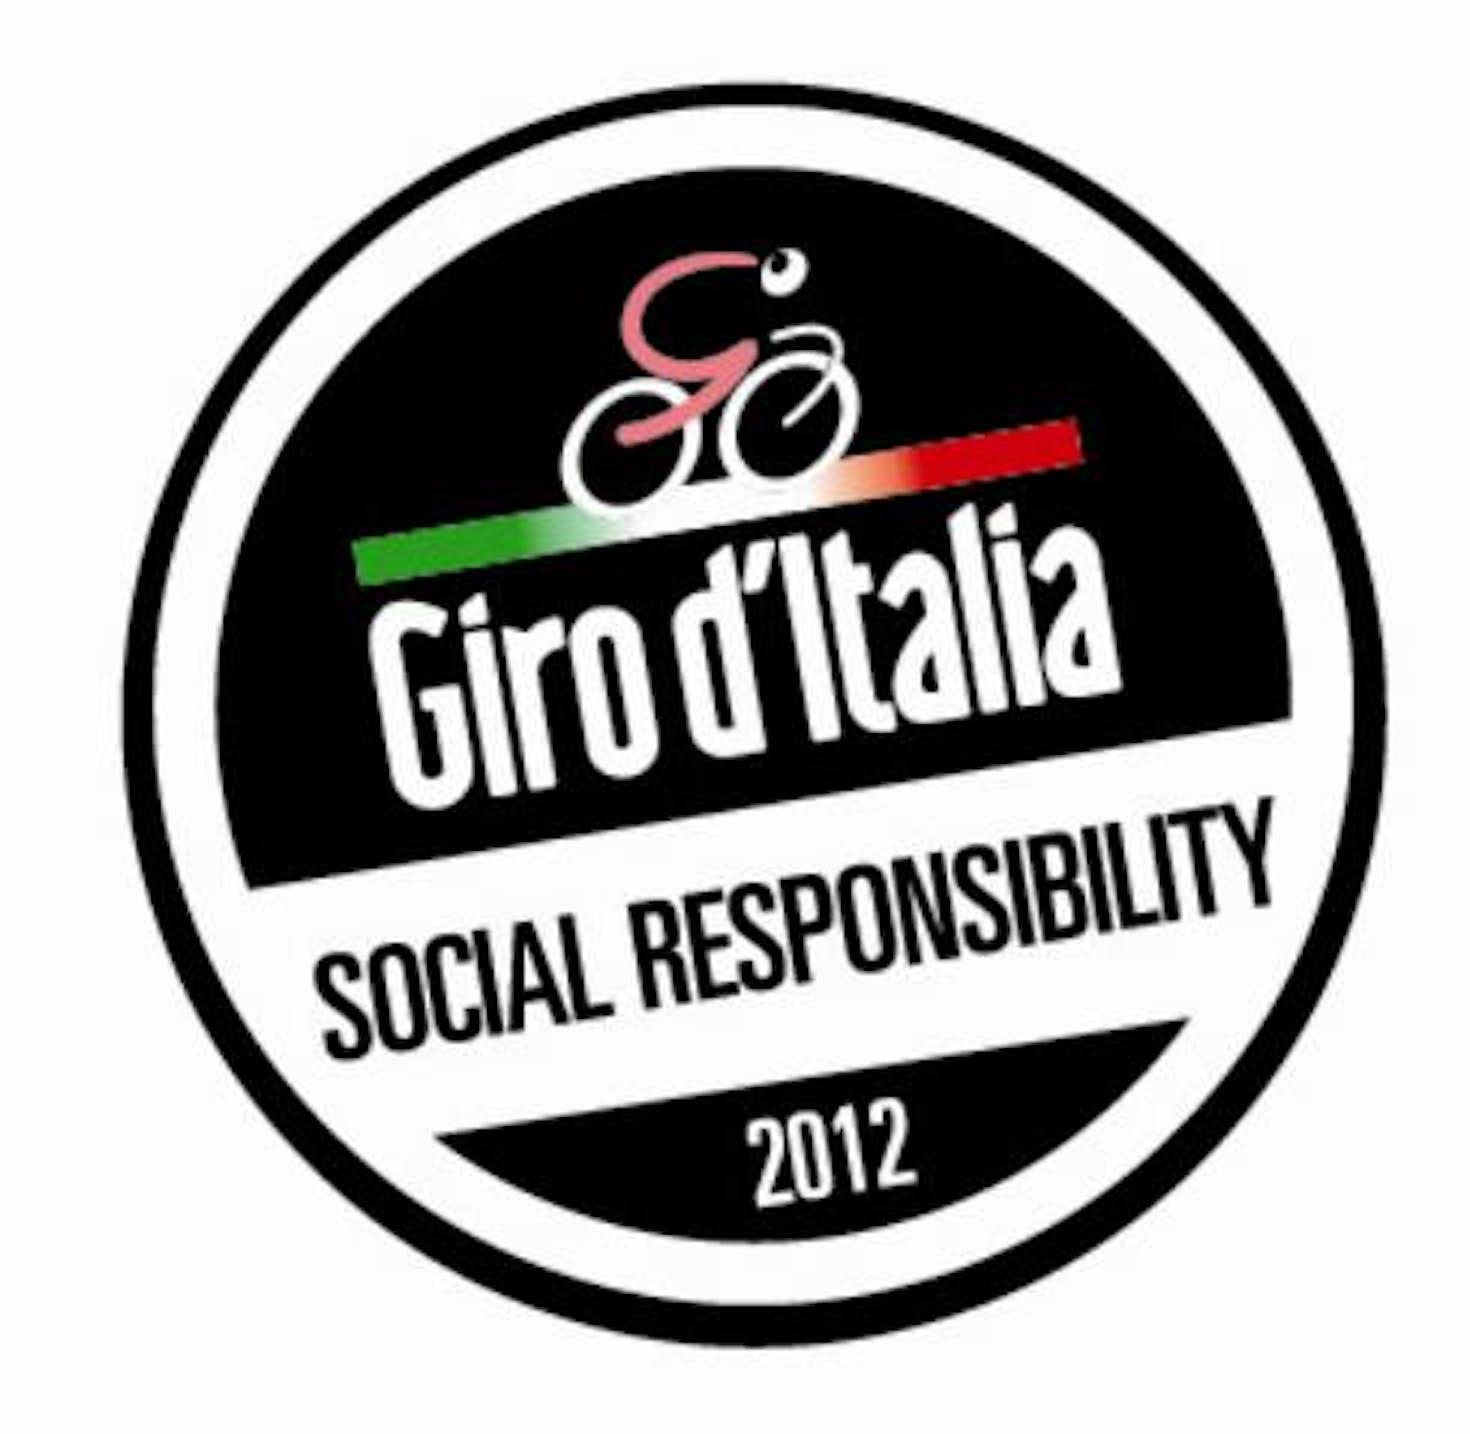 Giro d'Italia ha scelto di sostenere la campagna Vogliamo Zero dell'UNICEF